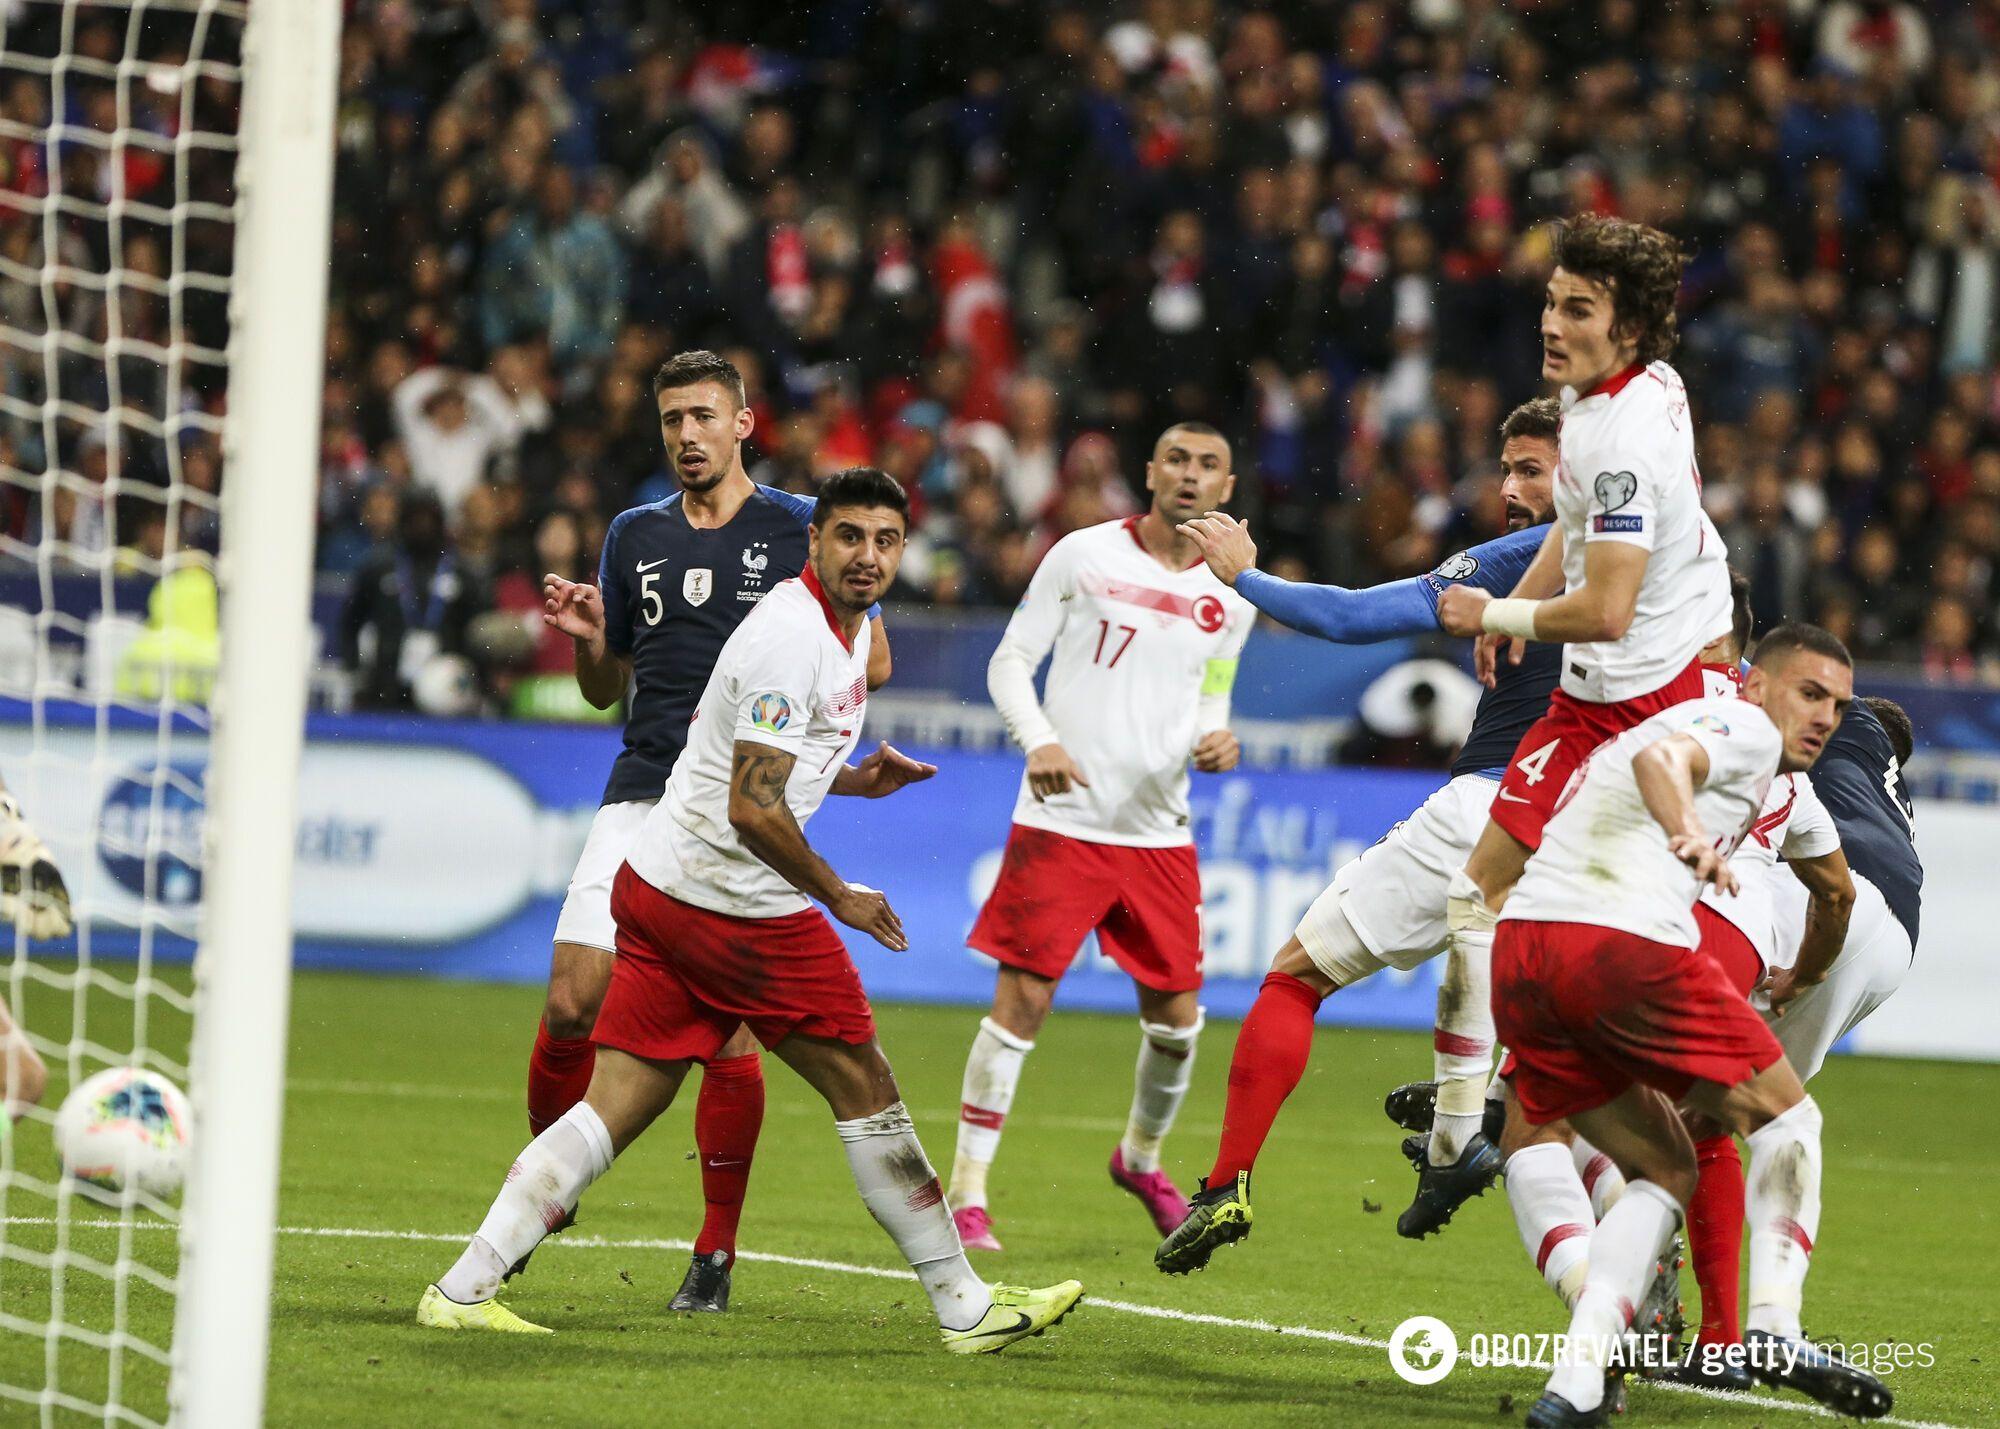 Збірна Туреччини в матчі з Франціею.